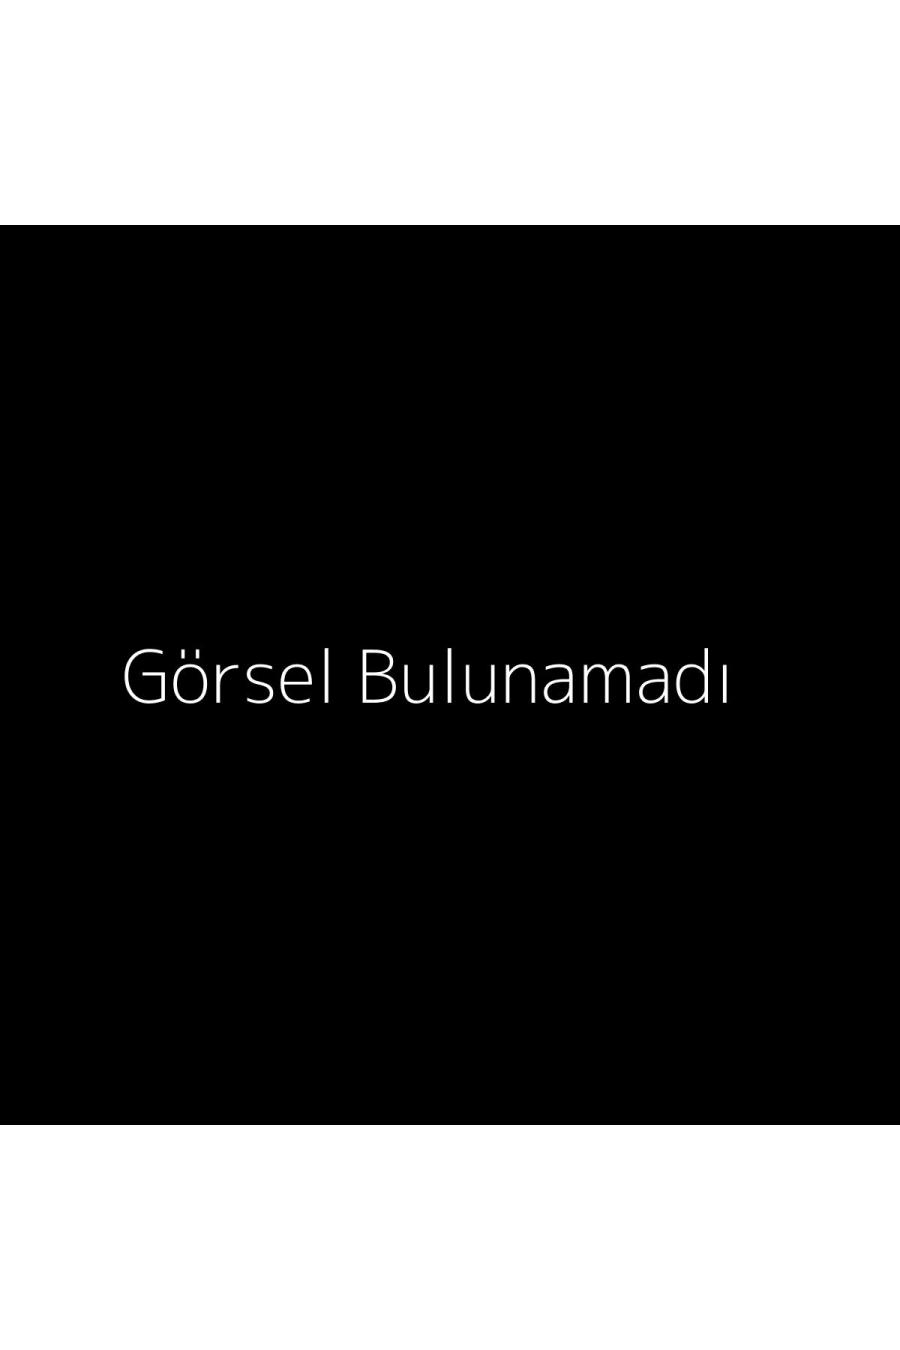 FW17011 knitwear